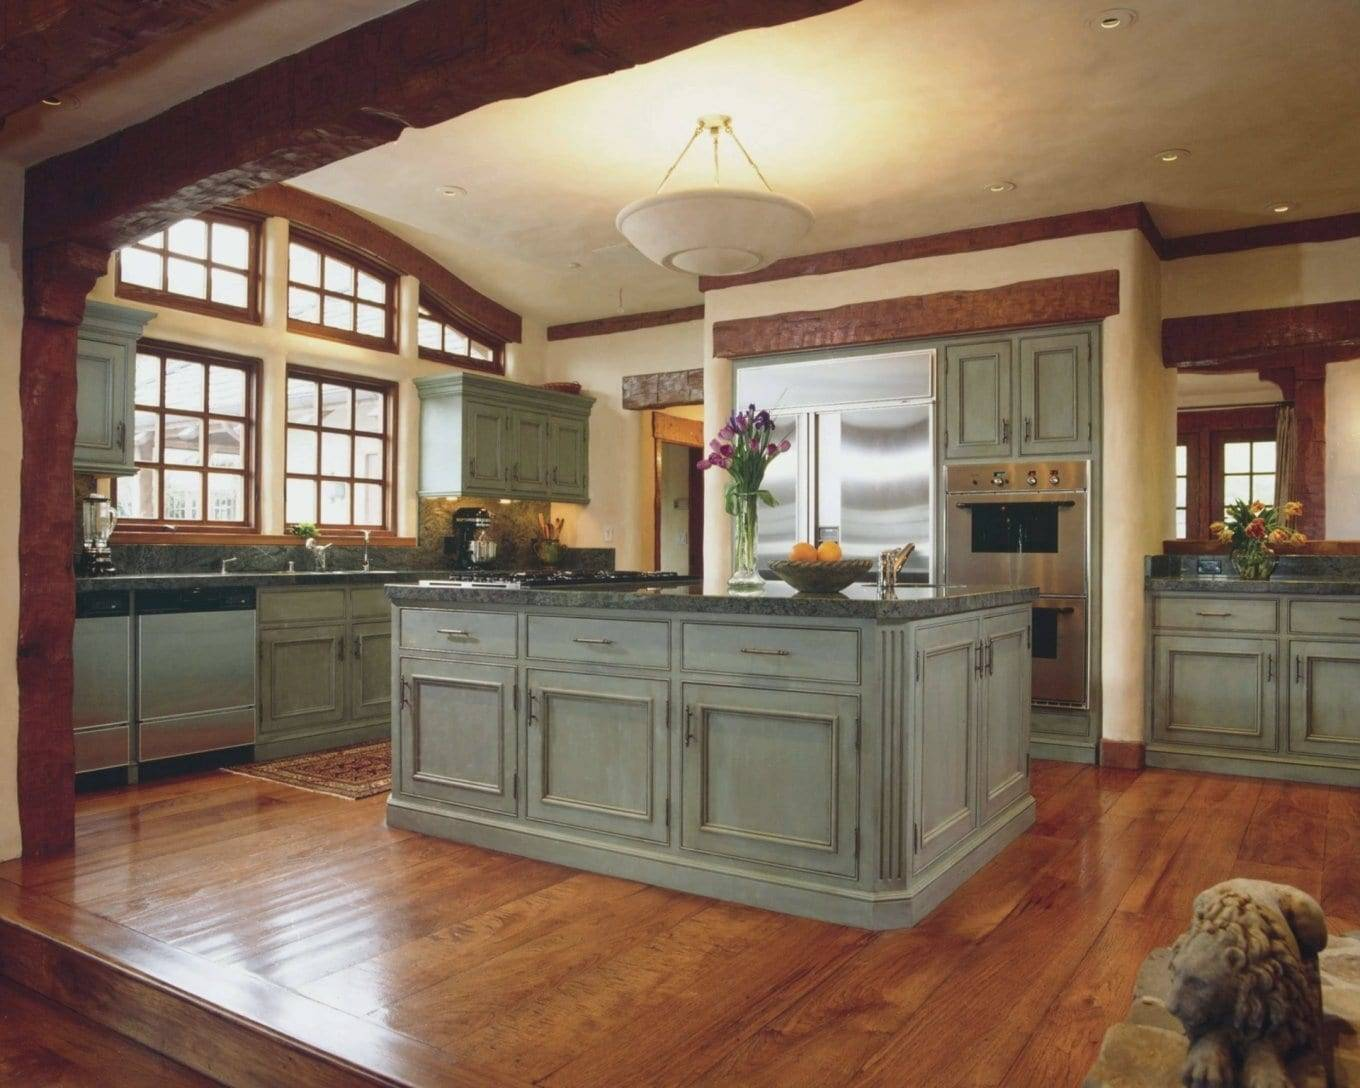 Кухня в стиле «five o'clock»: английские традиции в кухонном интерьере